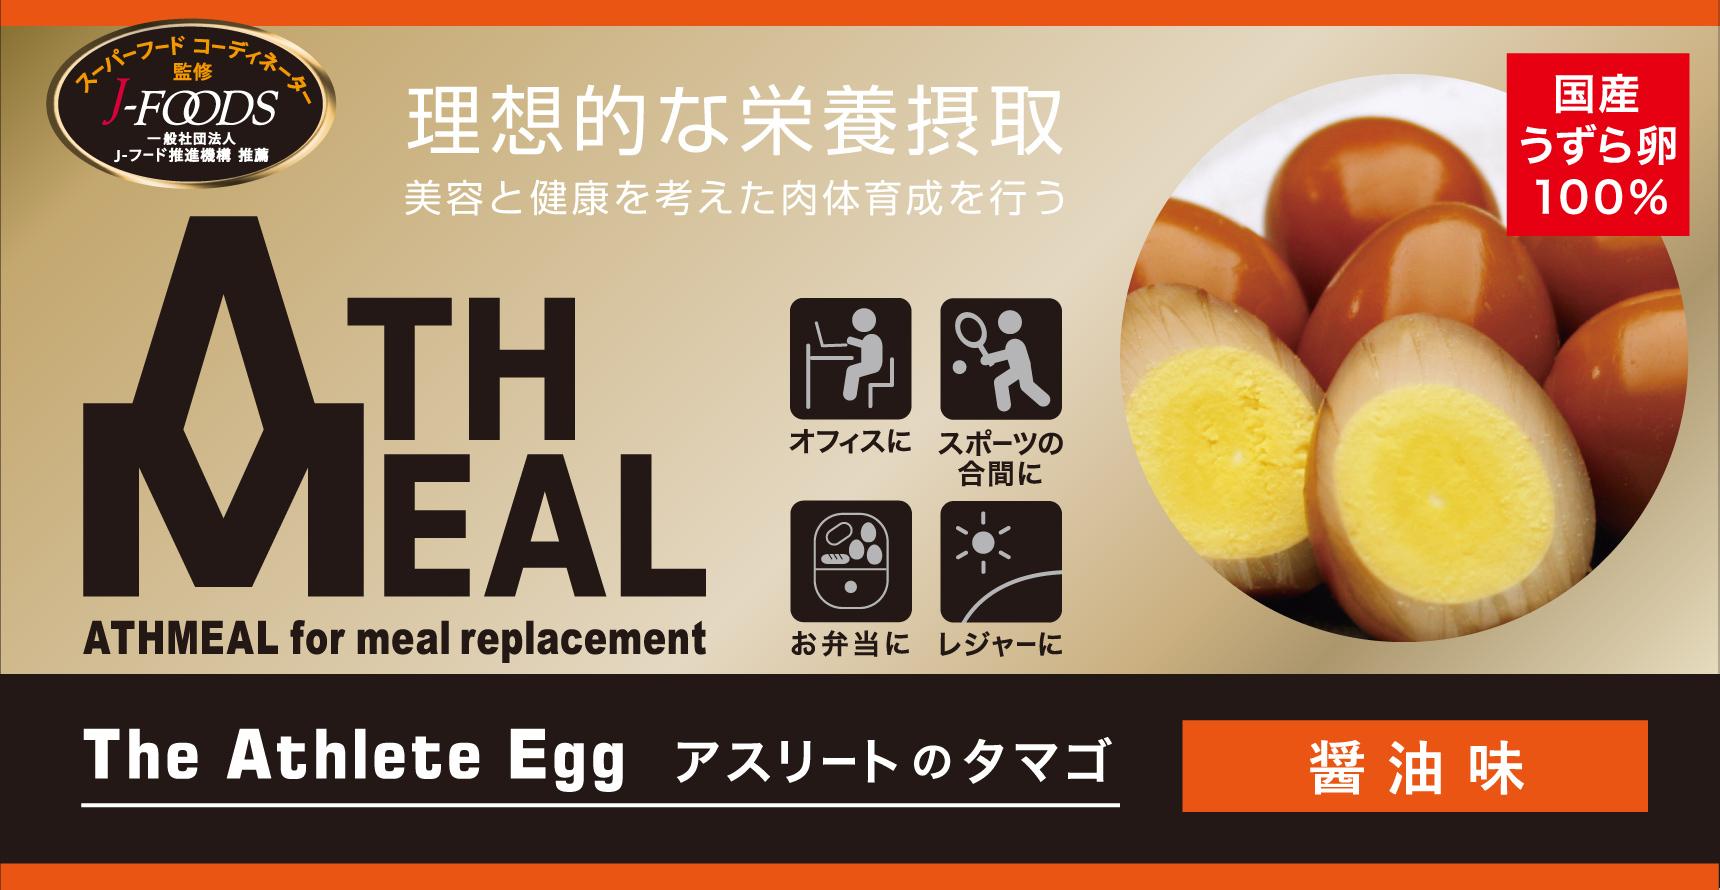 理想的な栄養摂取 美容と健康を考えた肉体育成を行う ATHMEAL 国産うずら卵100% オフィスに スポーツの合間に お弁当に レジャーに The Athlete Egg アスリートのタマゴ 醤油味